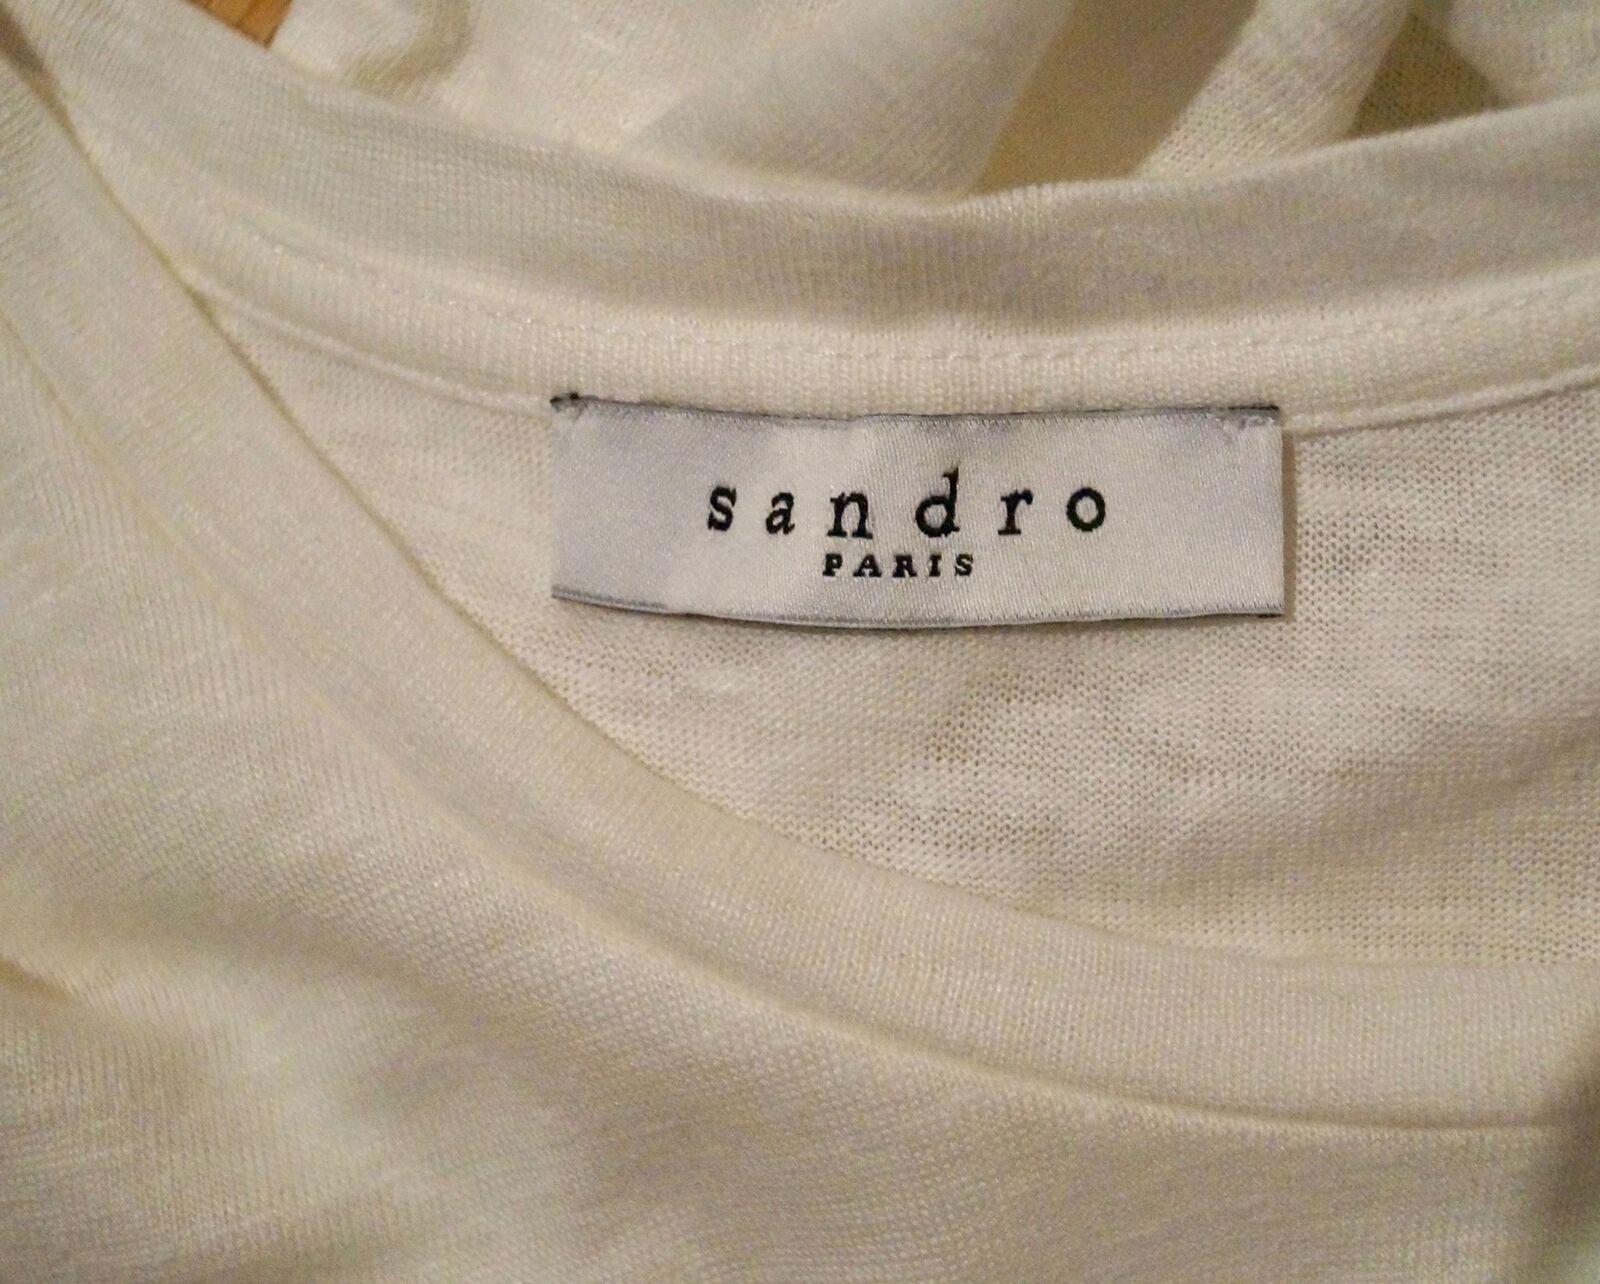 Sandro INVERNO BIANCO BIANCO BIANCO 100% lino Manica Corta a Pieghe Orlo Estate Top SZ  2 m f50097